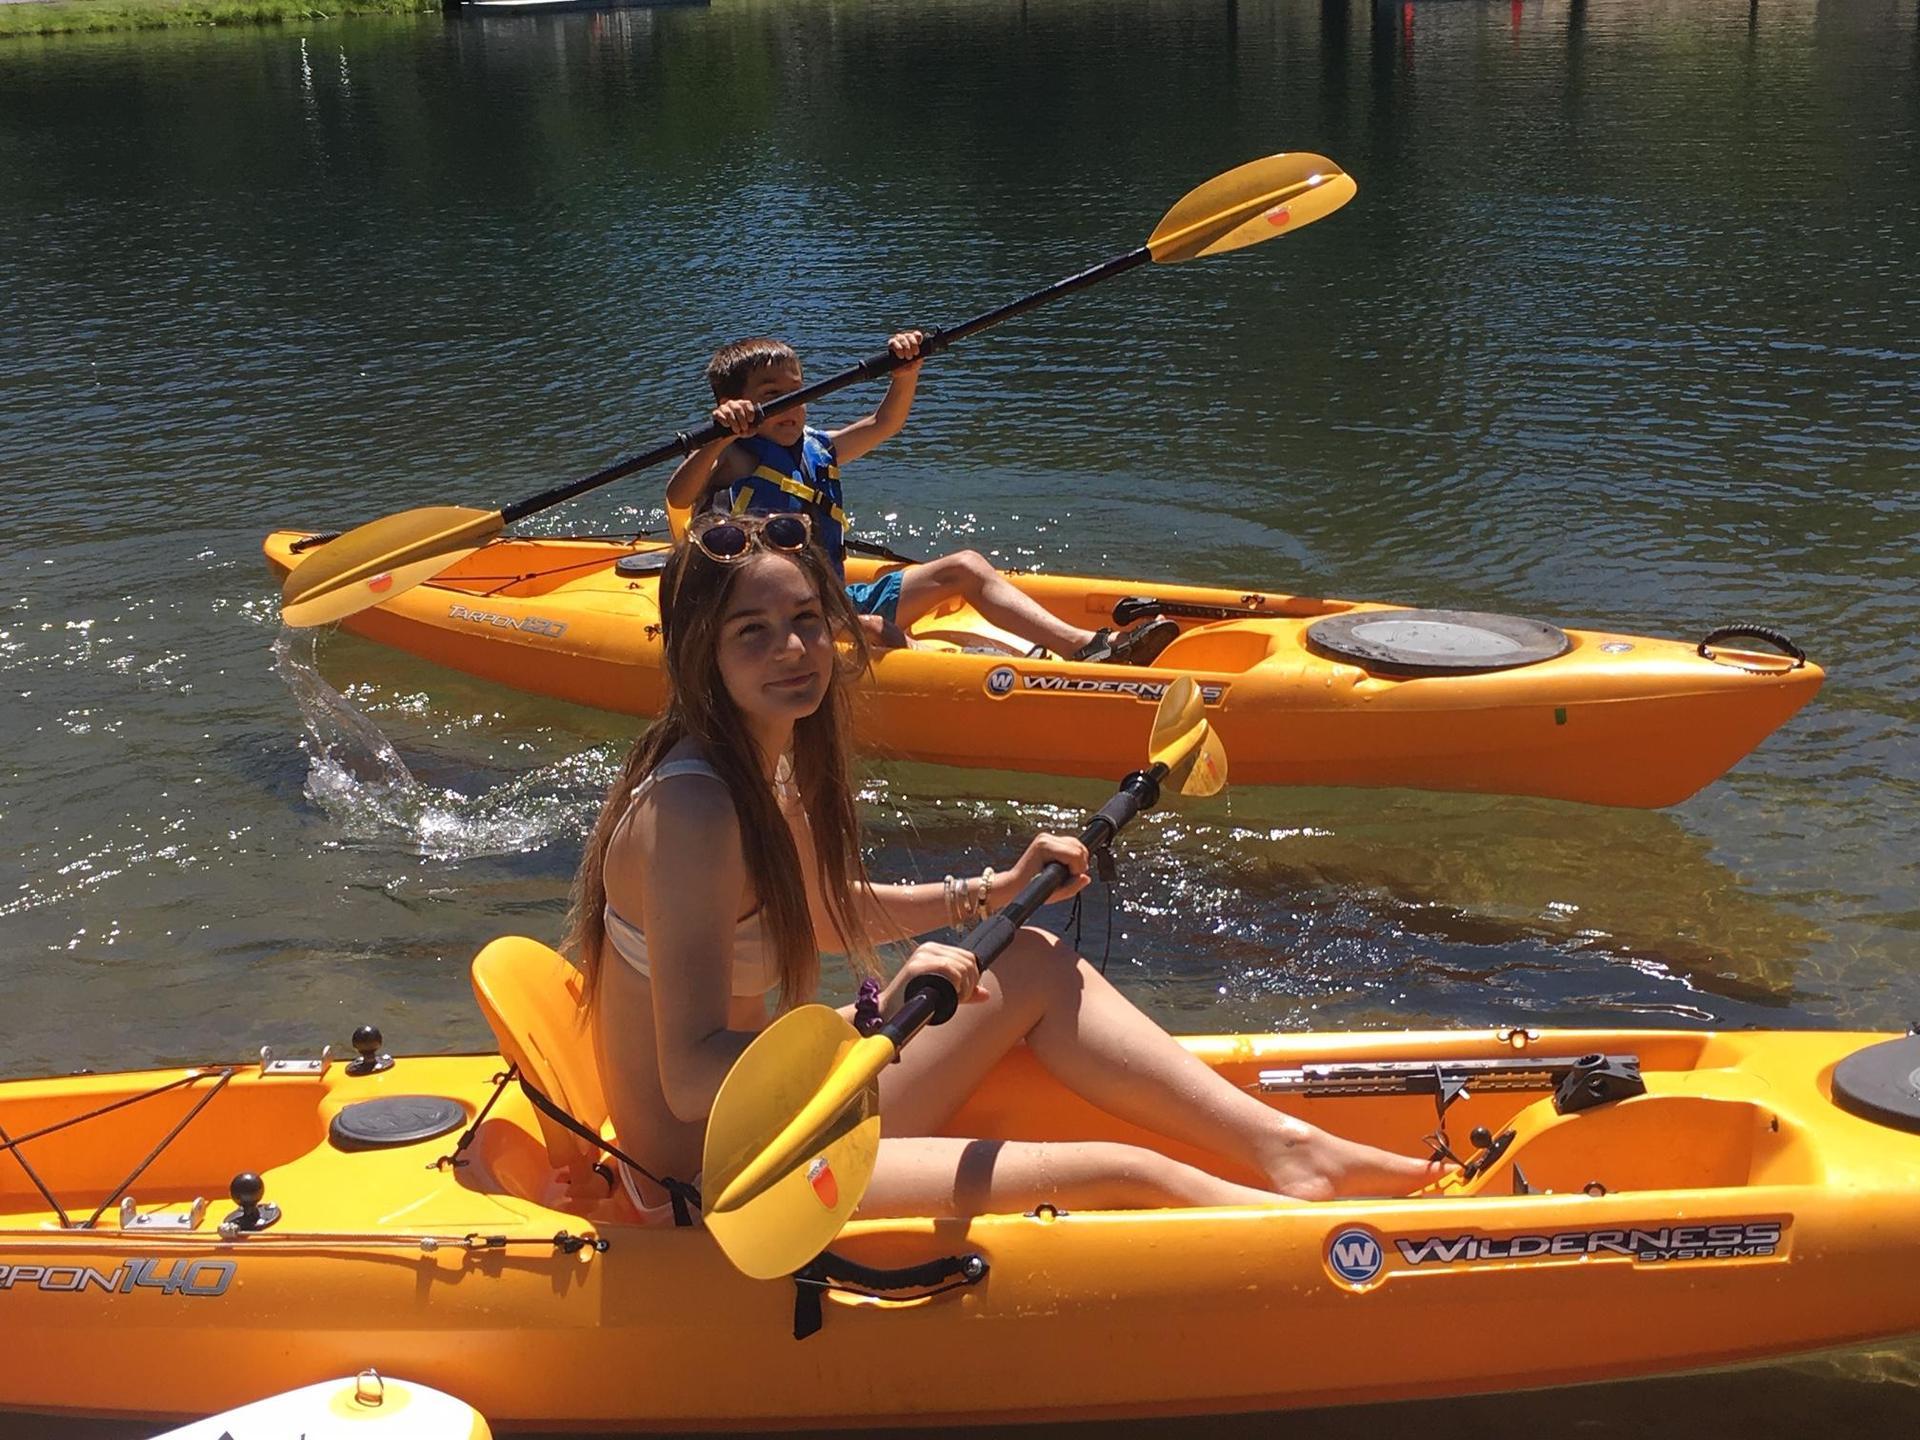 Emma (daughter) and Kaden (son) kayaking